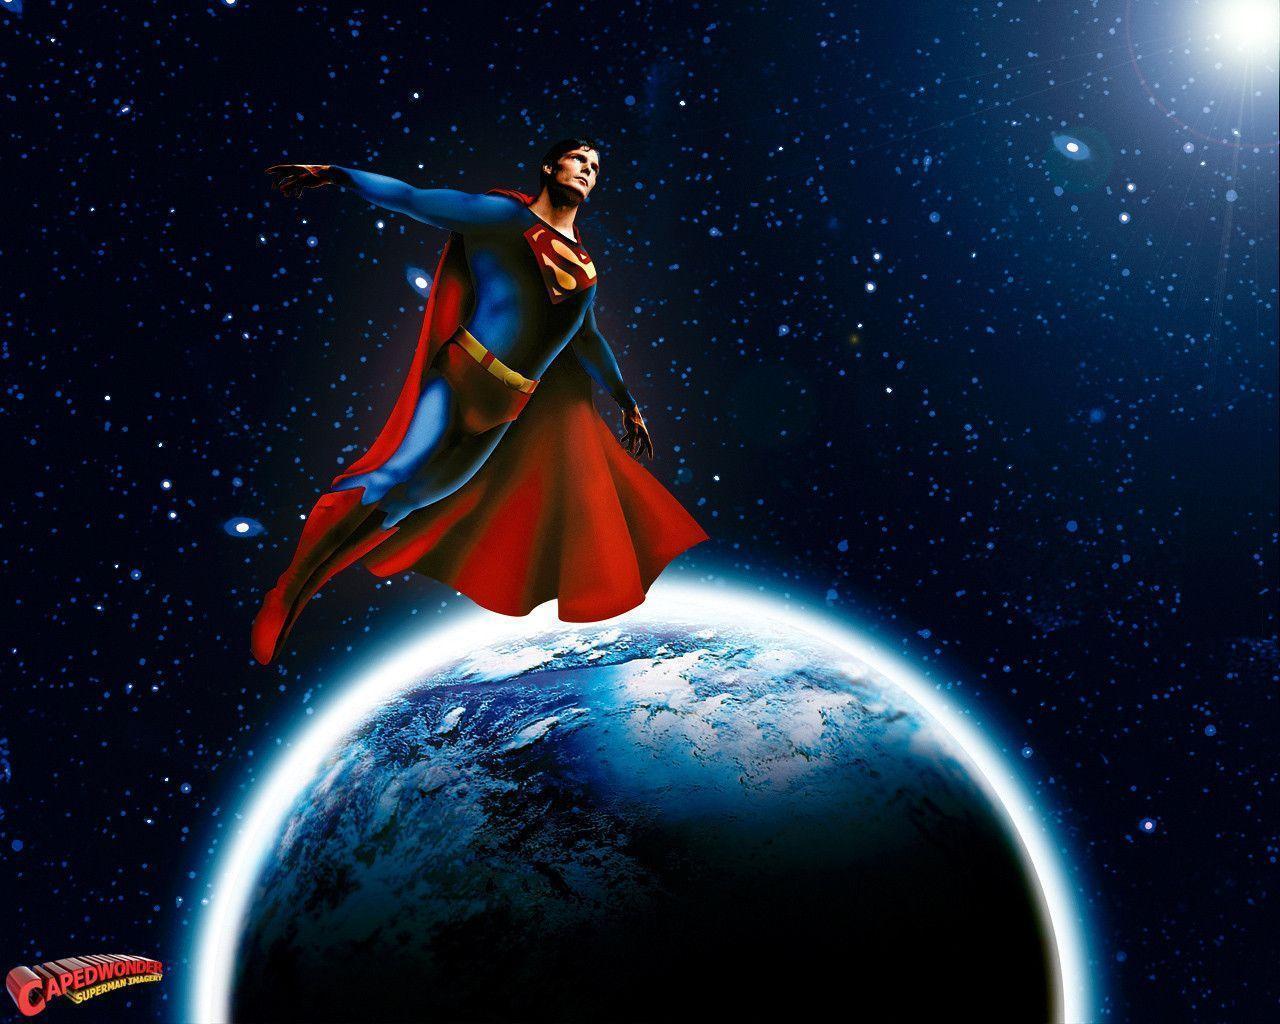 Superman Wallpaper Images Wallpaper Cave